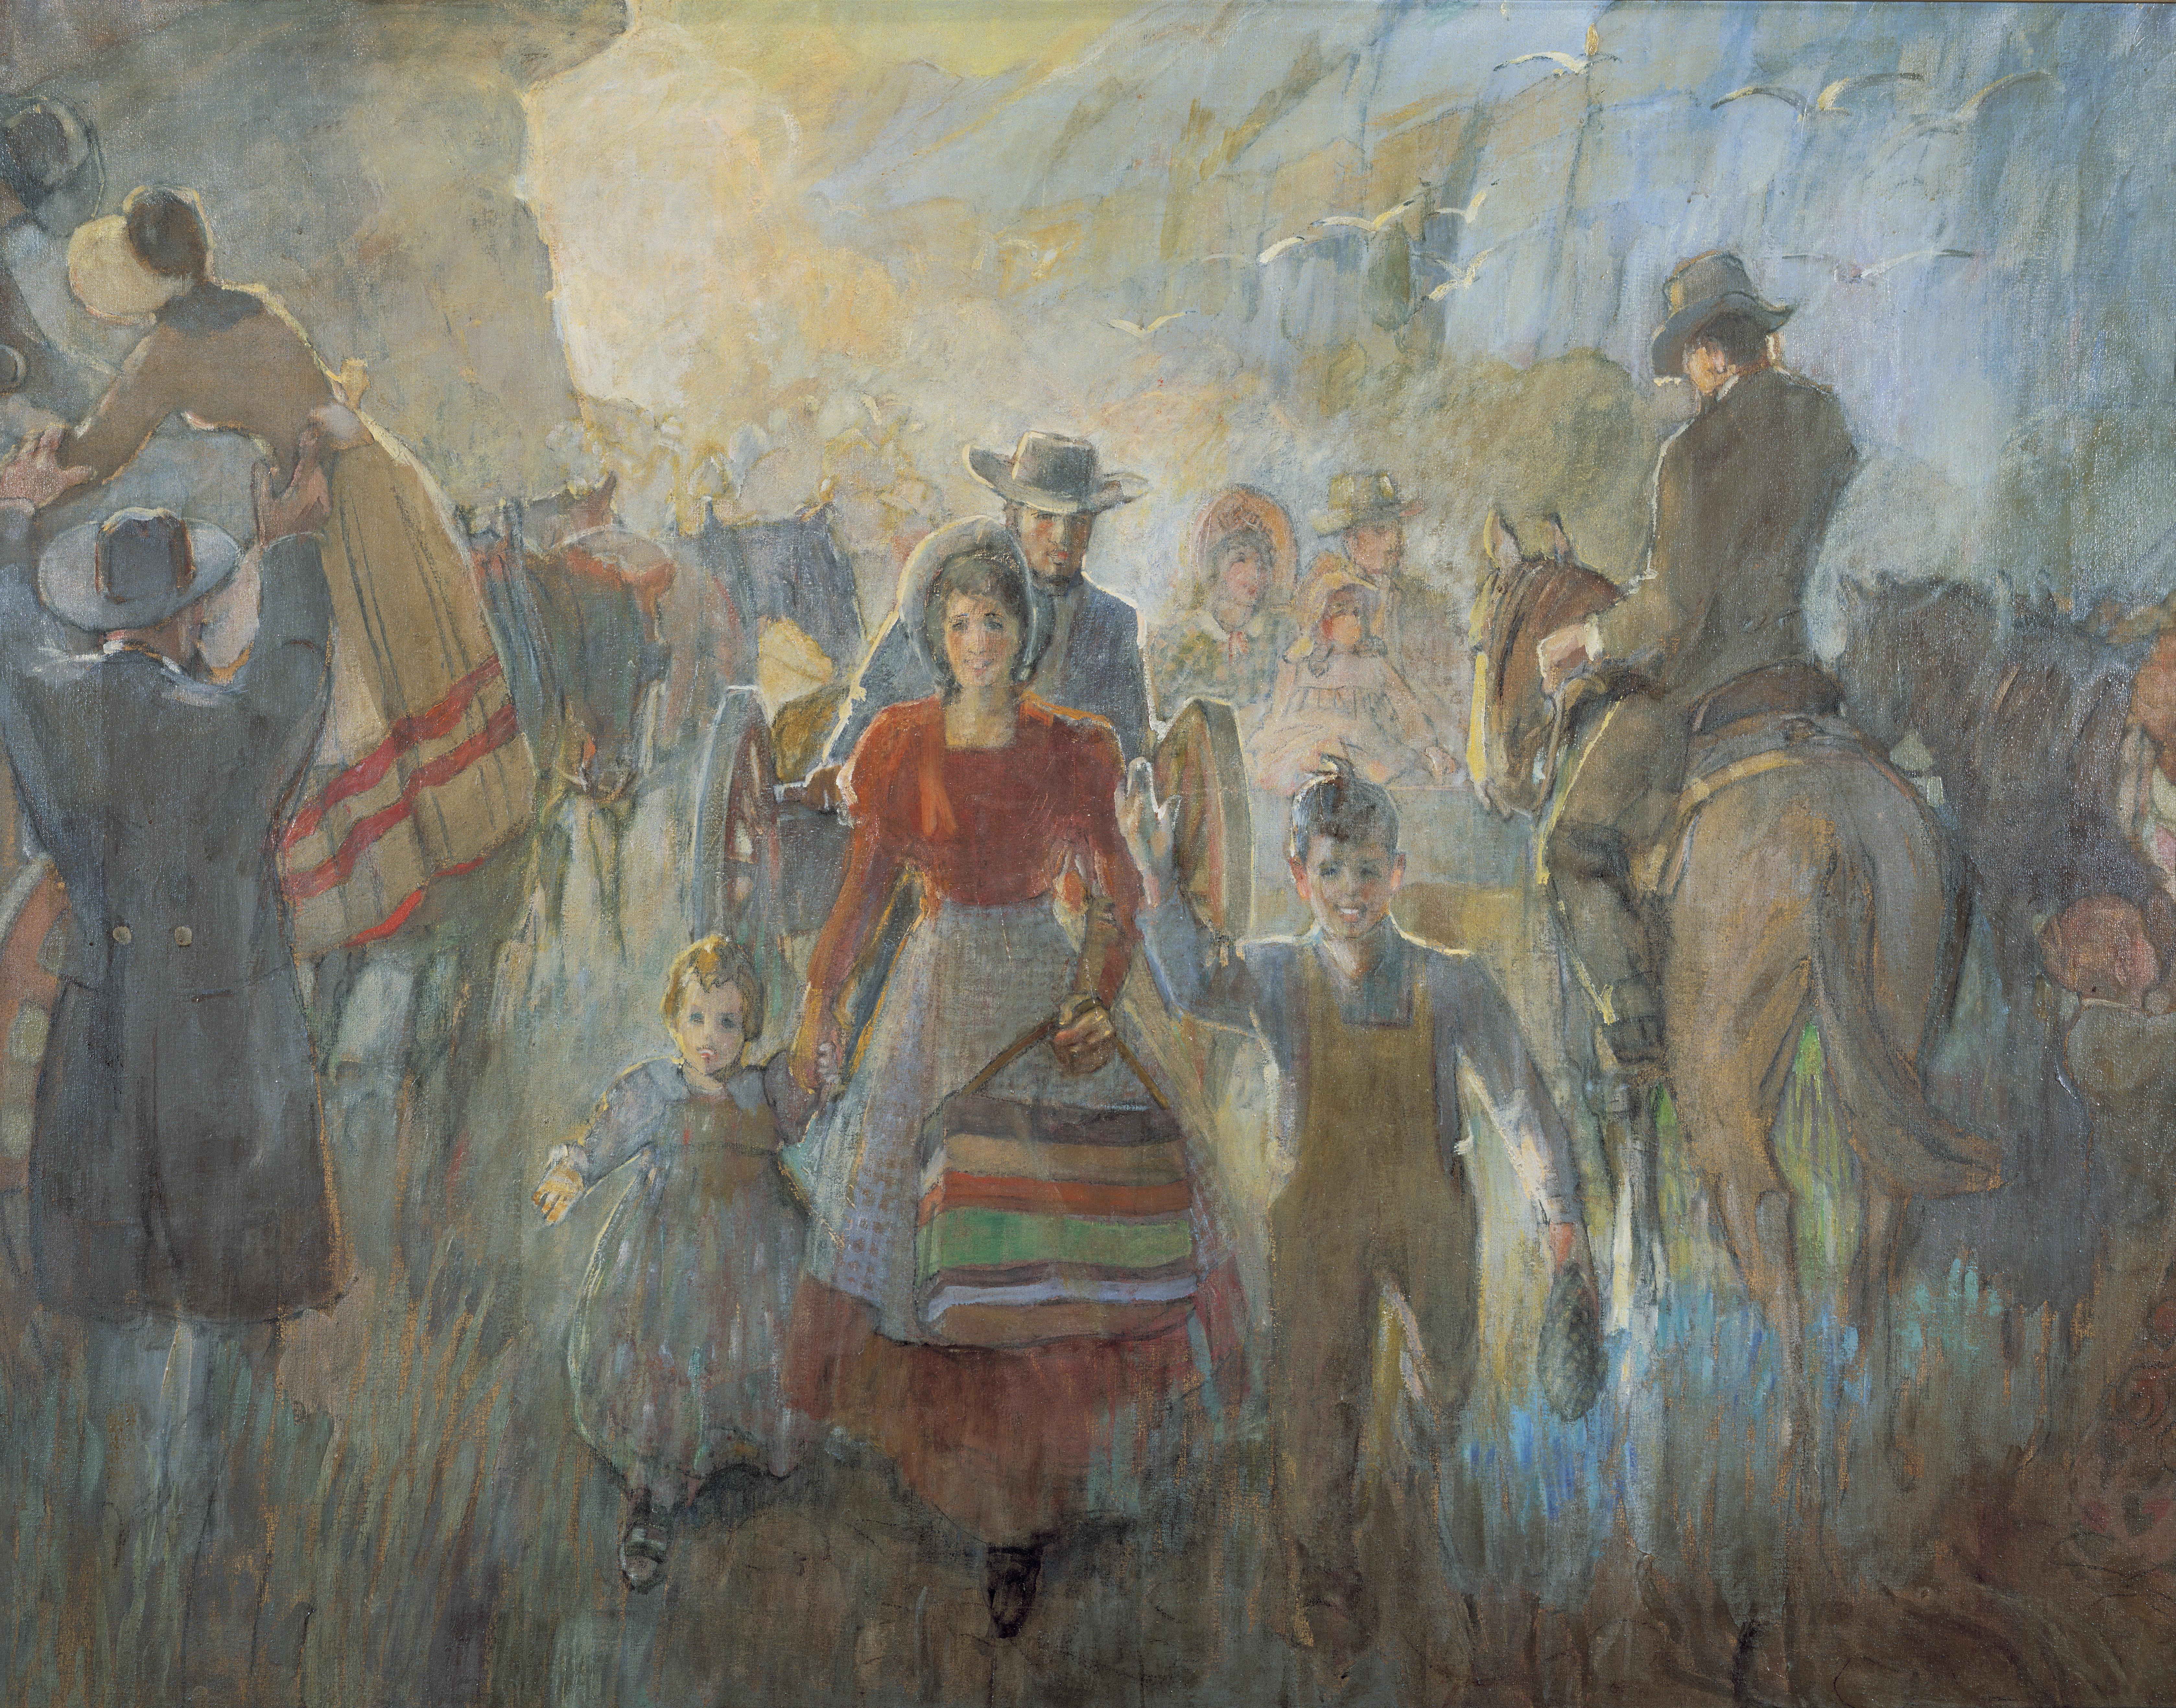 Pioneers Arriving, by Minerva K. Teichert